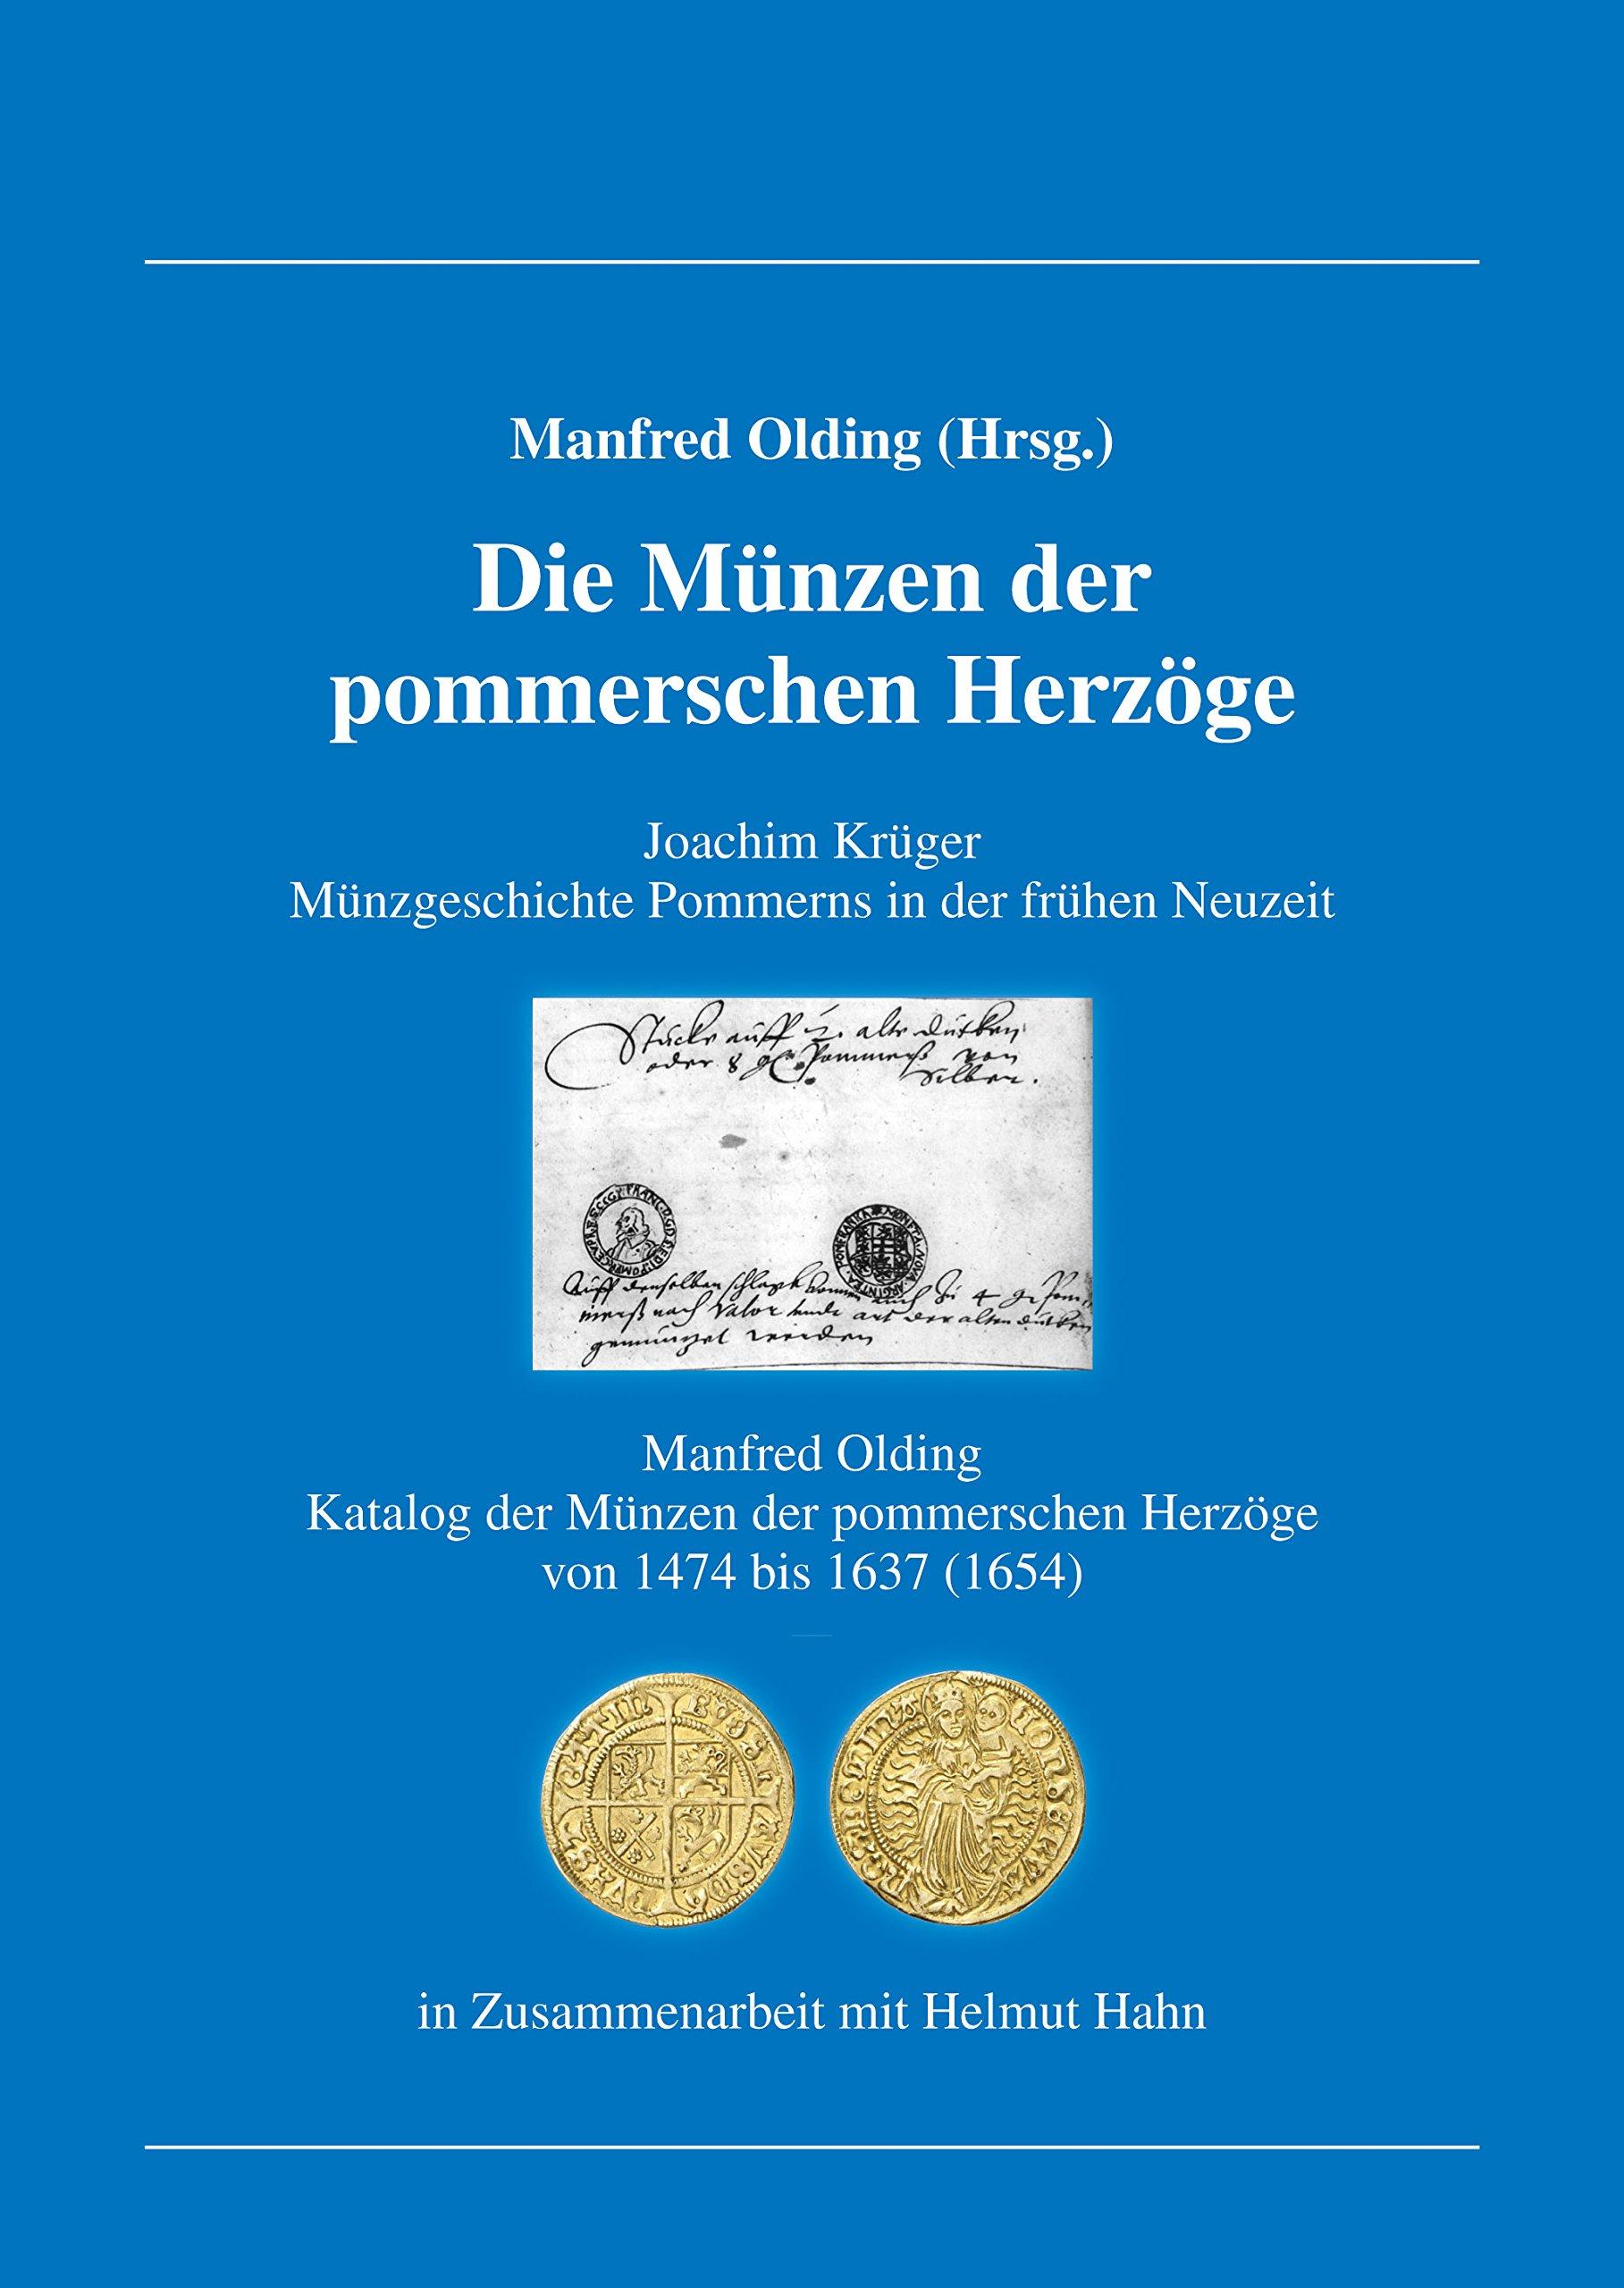 Die Münzen der pommerschen Herzöge: Joachim Krüger: Münzgeschichte Pommerns in der frühen Neuzeit / Manfred Olding: Katalog der Münzen der pommerschen ... (1654) / In Zusammenarbeit mit Helmut Hahn